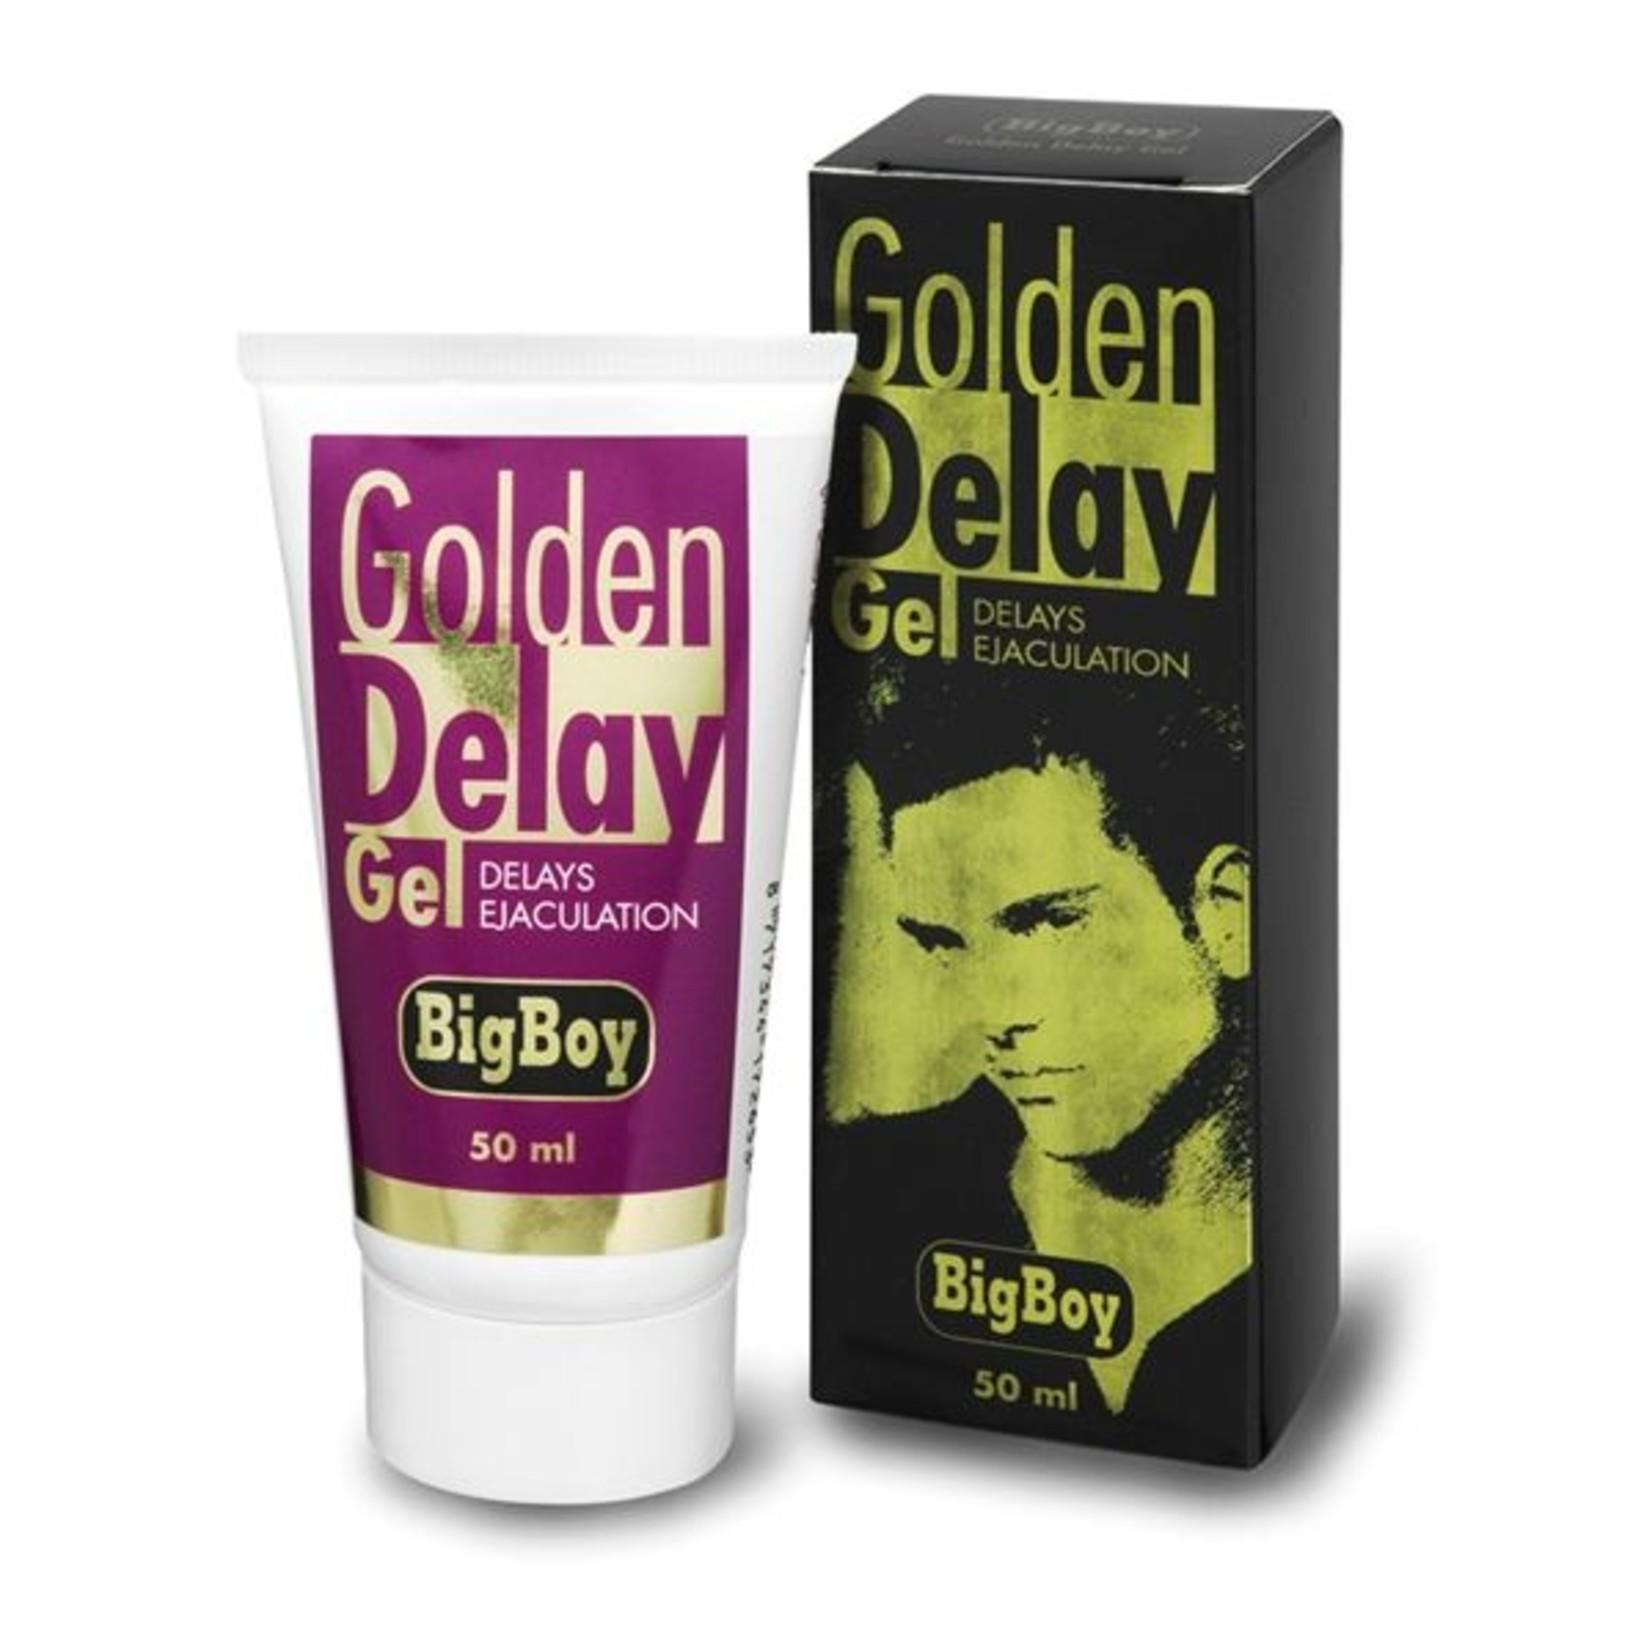 Other Big Boy - Golden Delay Gel